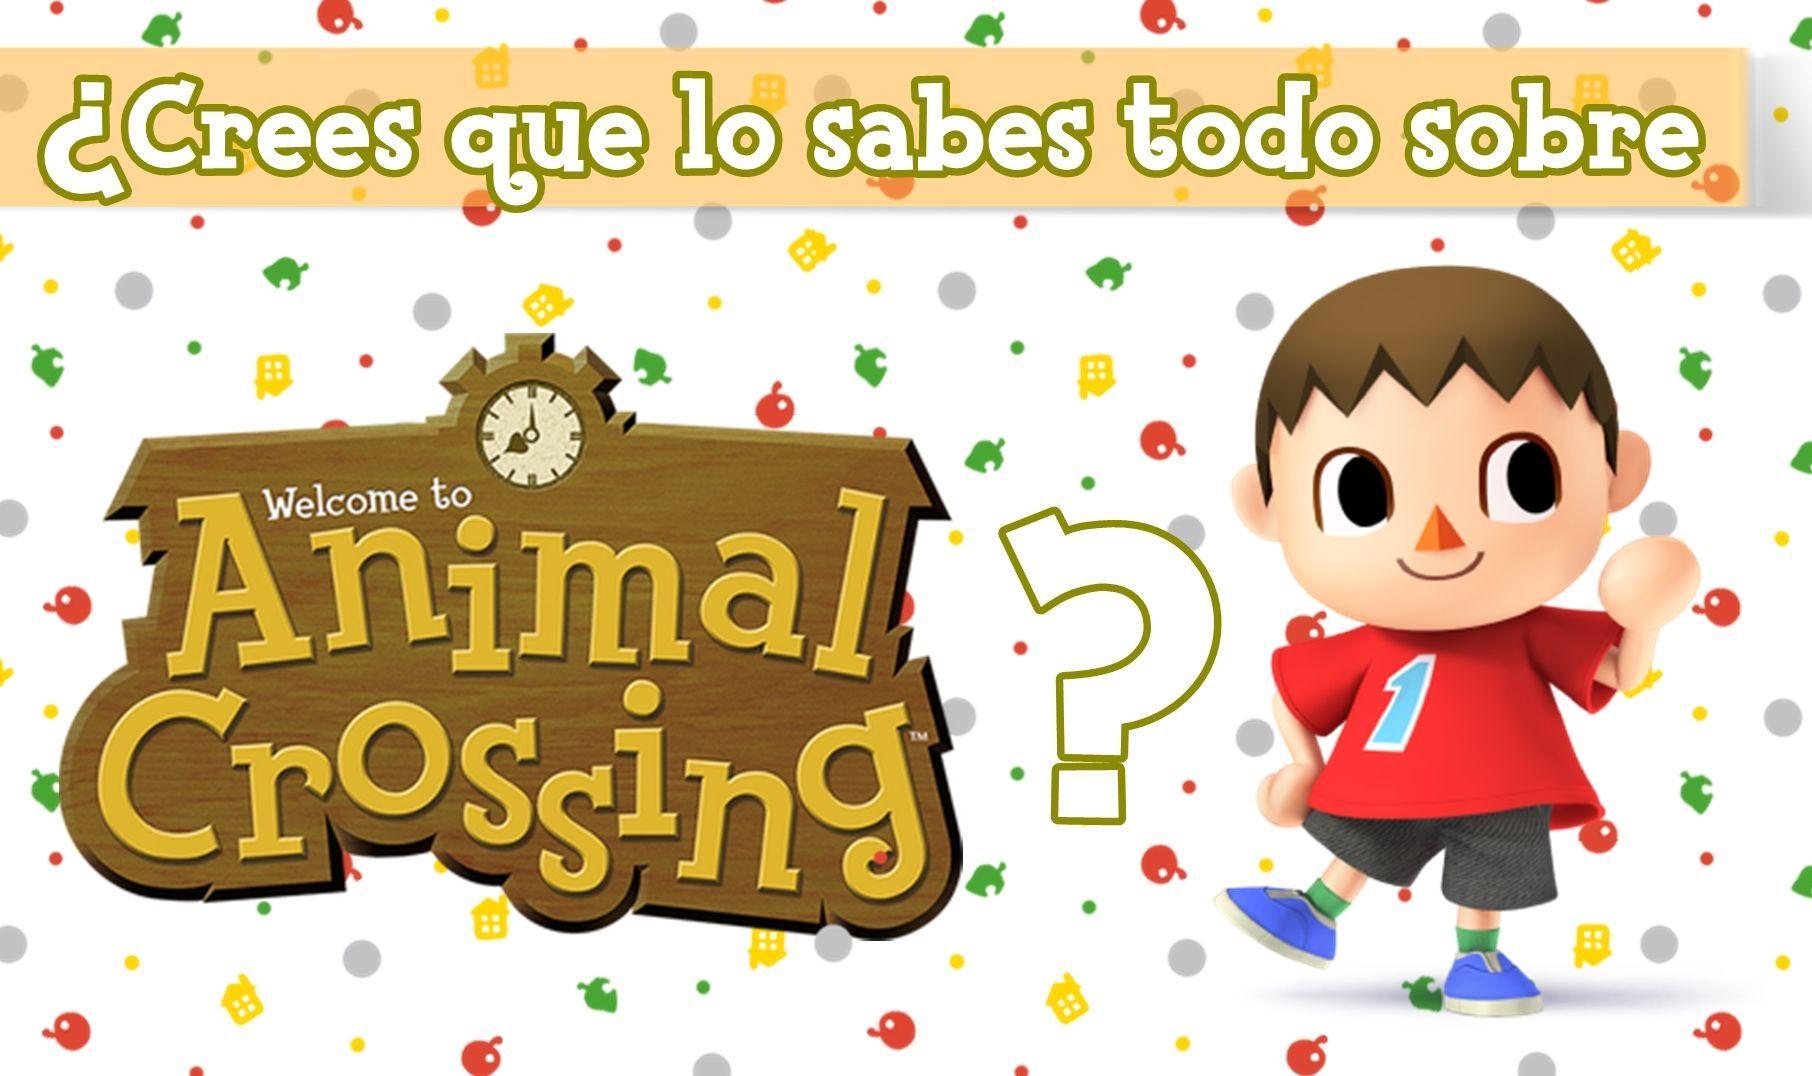 1665 - ¿Crees que lo sabes todo sobre Animal Crossing?